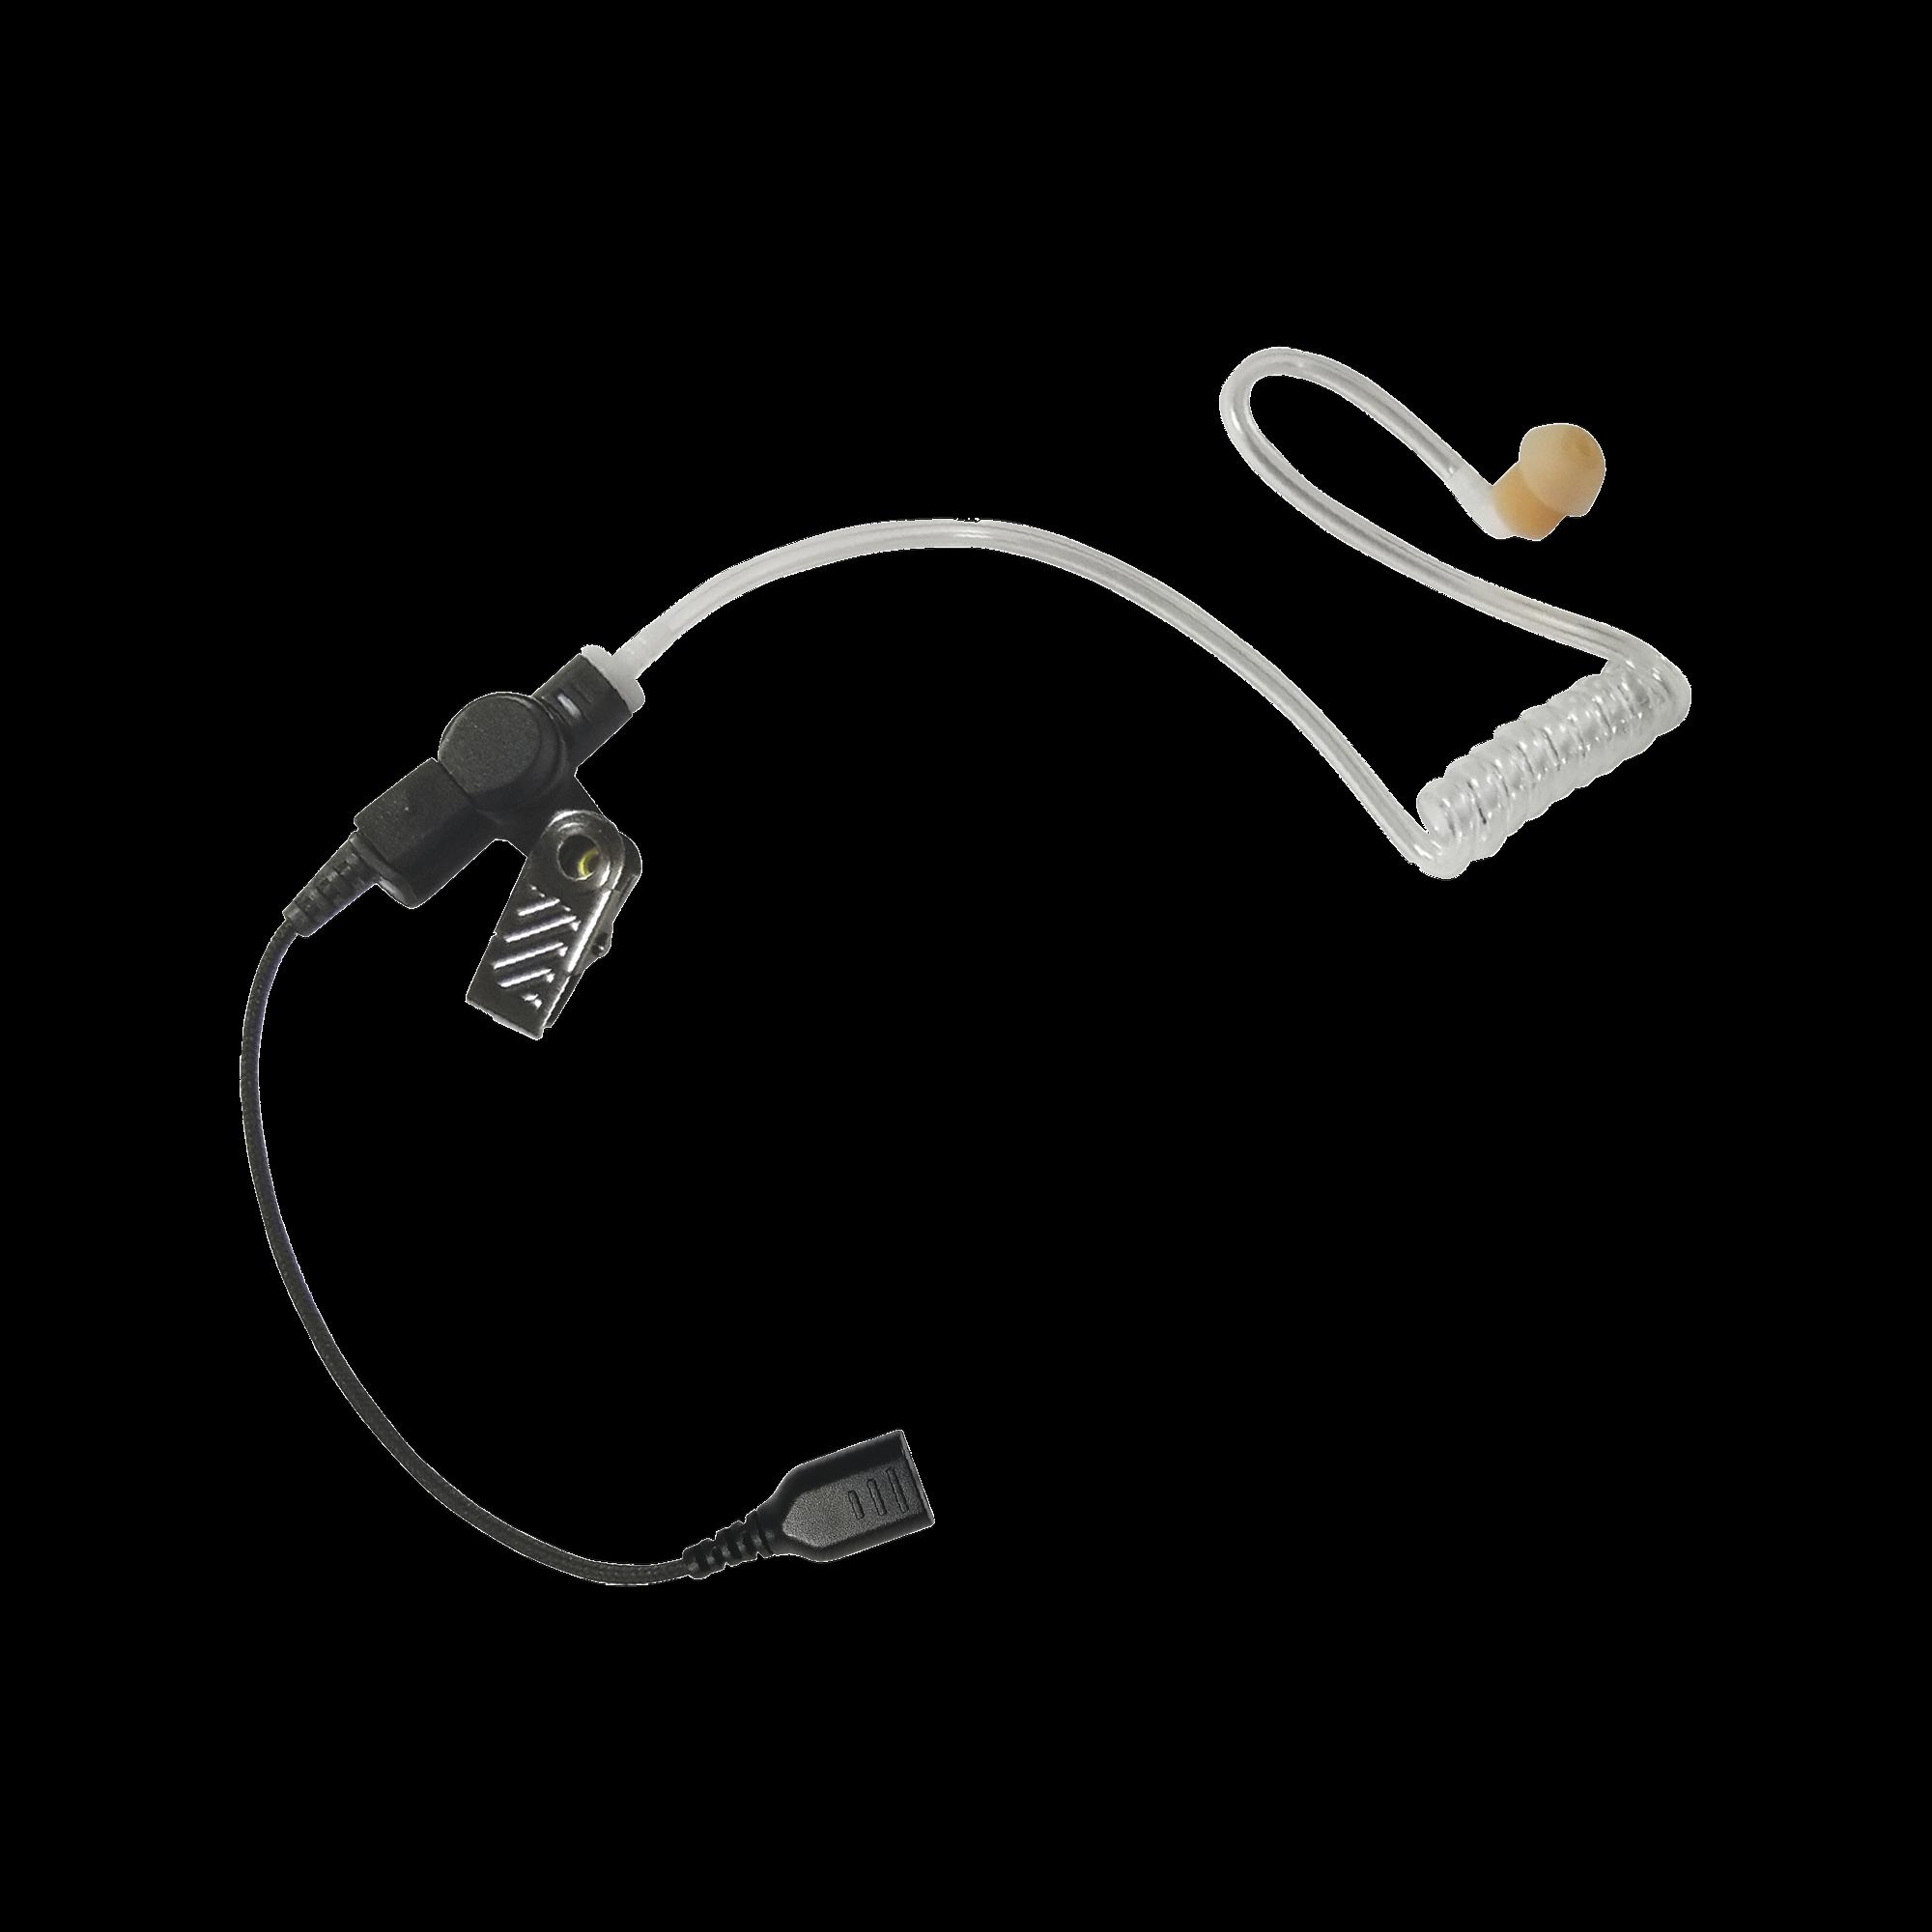 Auricular de tubo acústico transparente con cable de fibra tranzada con conector SNAP tipo MIRAGE. Requiere micrófono de solapa de 1 o 2 hilos de la Serie SNAP.